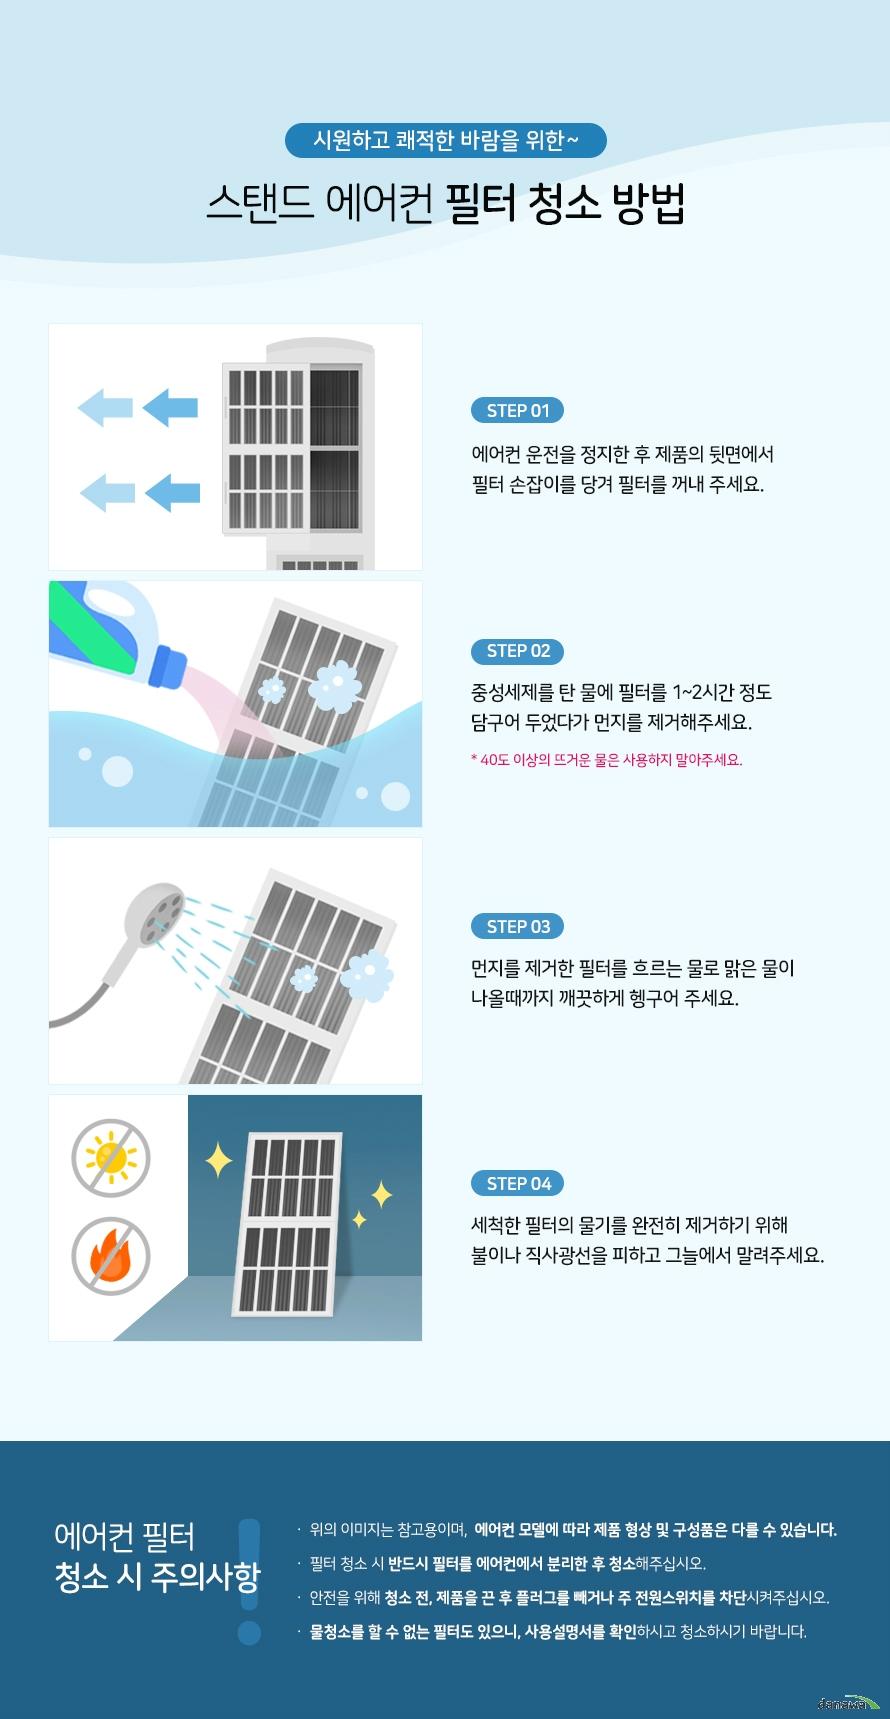 LG전자 WHISEN 에어컨 인공지능 스마트케어 인공지능 스스로 학습으로  사용자에게 딱 맞는 시원함  듀얼 인버터 마이크로 제어 개별 운전이 가능한 듀얼 인버터로  에너지와 전기료 절약 아이스쿨파워 냉방 4도 더 차가운 바람으로 30분 쾌속 냉방 포커스바람 한쪽 방향으로만 바람을 고정시켜 집중적으로 쾌속 냉방 아이스 쿨파워 쾌속 냉방 4도 더 차가운 바람으로 30분간 강력하게 실내 전체를 쾌속 냉방하여 일반 냉방 대비 희망 온도에 더 빠르게 도달합니다. 목표 온도 18도, 바람 강풍 설정 시 비교, 자사 동일 제품 내 냉방 기능 비교  바람 온도는 실내 환경에 따라 다를 수 있습니다. 제품 내 열교환기 통과 시 측정 온도로 실제 사용 환경에 따라 차이가 있을 수있습니다.  듀얼 맞춤 제습기능 장마철 높은 습도로 불쾌지수가 높아질 때 습도 센서가 이를 감지하여  장소에 딱 맞는 쾌적한 실내환경을 유지할 수 있습니다. 인공지능 스마트케어 에어컨이 스스로 실내온도를 감지하고 운전모드,  바람세기 등을 자동으로 선택하여 실내를 가장 쾌적하게 만들어 줍니다. 온도 센서가  환경을 분석하고 사용 패턴까지 분석하여 맞춤 냉방을 스마트하게 도와줍니다. 환경 분석 에어컨의 온도 센서가 실내 환경을 분석하고, 스스로 환경에 맞게  적정 온도를 조절하여 에너지 절약을 도와줍니다. 스마트케어 환경 분석 시원해지는데 시간이 많이 걸리는 넓거나 더운 집에서는 중간 세기의 바람으로 냉방에 집중하고, 냉기 유지가 잘되는 집에는 희망온도를 올려 절전에 집중하는 기술입니다.사용 패턴 분석아기가 있는 환경, 어르신이 계신 시간 등의 온도, 풍향을 에어컨이 기억하고 사용패턴을 분석하여 스스로 설정합니다. 맞춤 온도 패턴 학습 사용자가 주로 설정하는 냉방 온도를 학습하여 온도를 조절하지 않아도 사용자가 선호하는 온도로 미리 설정해줍니다. 패턴학습은 과냉방 방지를 위해 쾌적온도 25도     이상의 온도 변경 패턴만 분석합니다. 듀얼 인버터 마이크로 제어 에어컨이 공간에 맞는 냉방 온도를 계산한 맞춤형 냉방을 위해 듀얼 인버터 제어로  필요한 만큼한 냉방을 구동하여 소모되는 에너지와 전기료를 절약합니다.인공지능 마이크로 제어 휘센이 우리집에 맞는 최적의 냉방 온도를 계산해줍니다. 정밀한 인버터 제어가 필요한 만큼만 정확하게 움직여  온도 변동 시 소모되는 에너지를 절약합니다. 스마트폰으로 어디서나 스마트 에어 컨트롤Wi-Fi가 탑재된 에어컨으로 집 안과 밖 어디서나 스마트 에어 컨트롤이 가능합니다. 사용 전력량 확인, 필터 교체 관리 등 원격제어와 모니터링이 가능합니다.